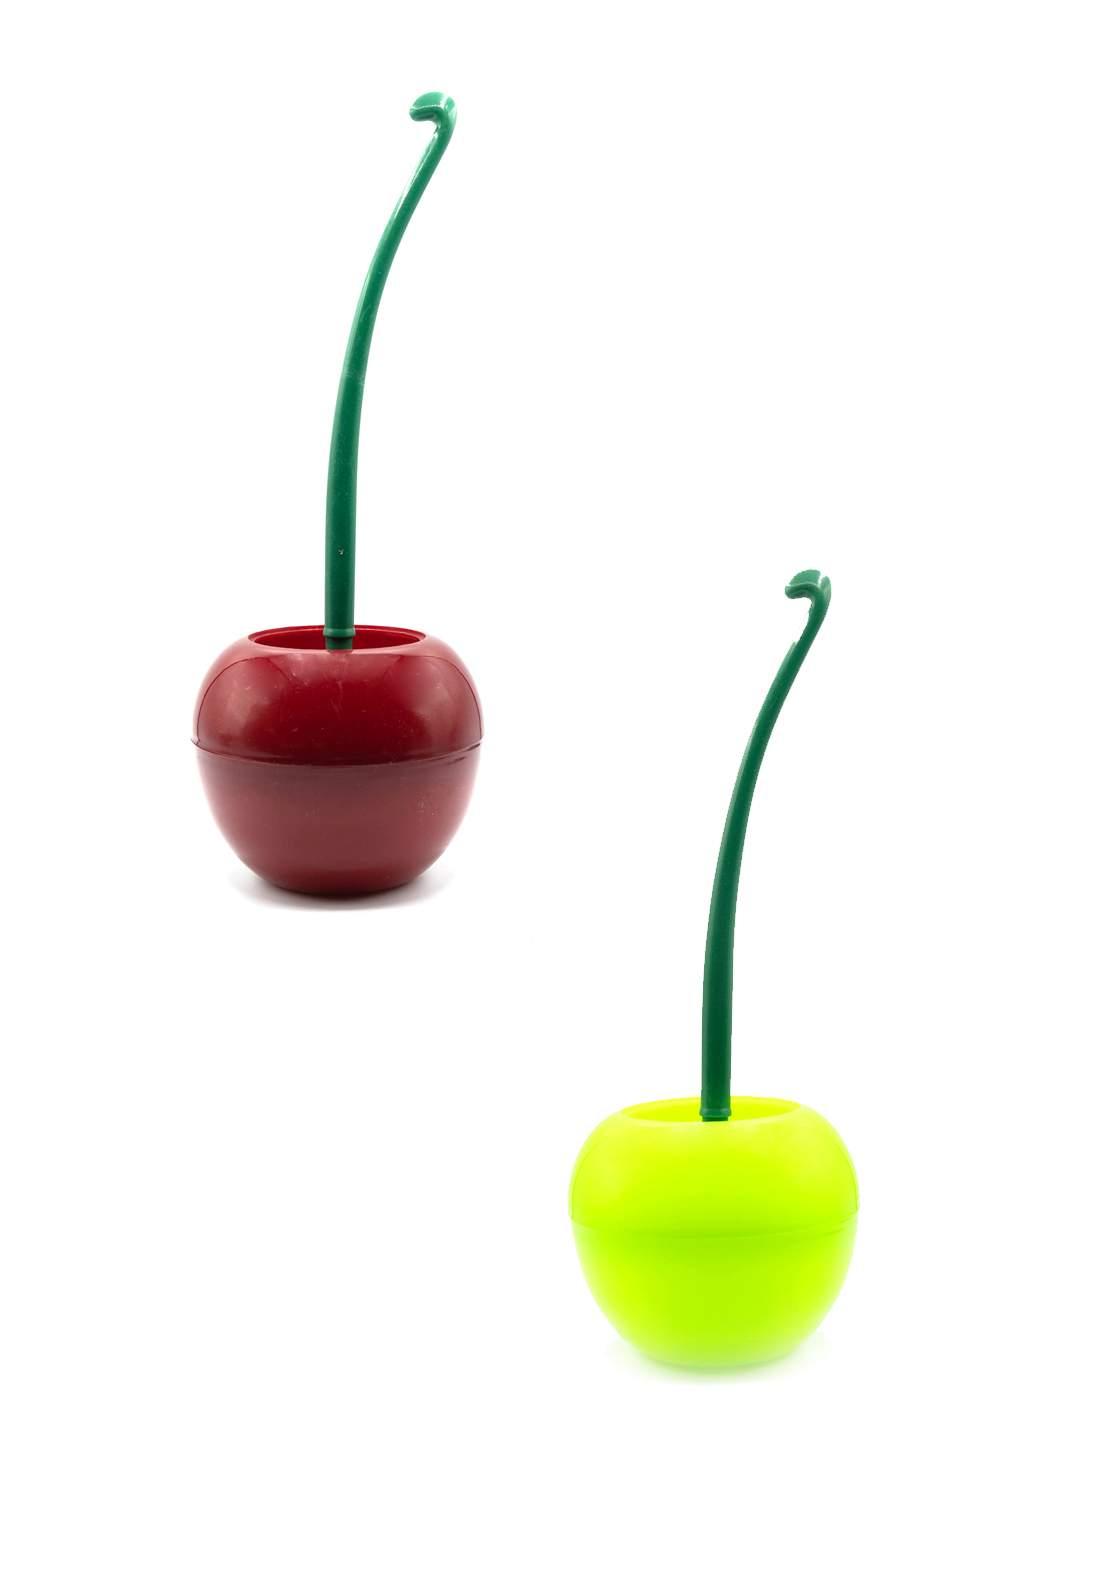 فرشة تنظيف الحمام - التفاحة